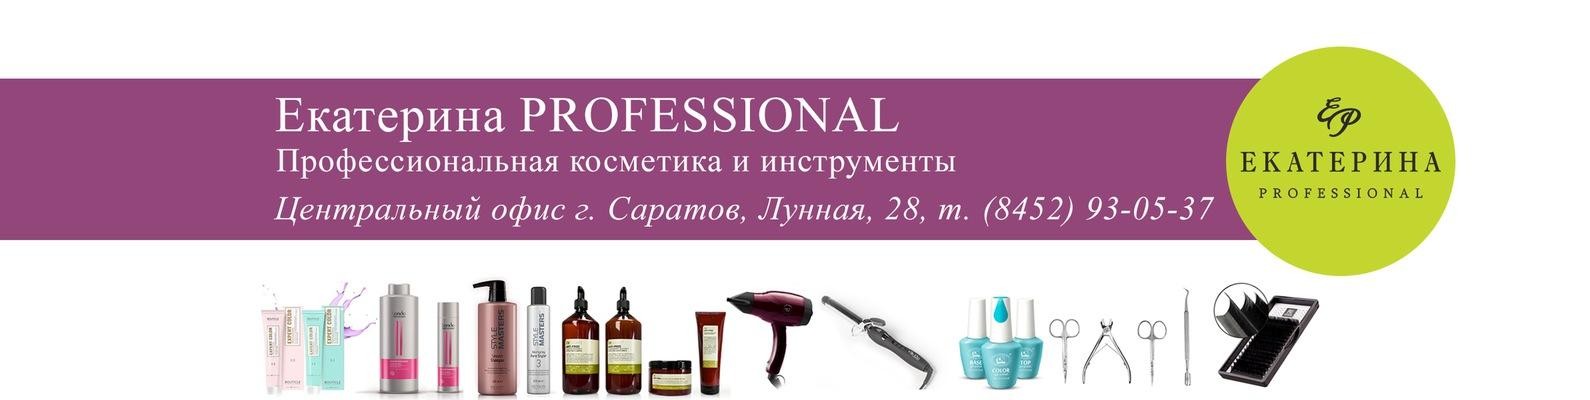 профессиональная косметика саратов